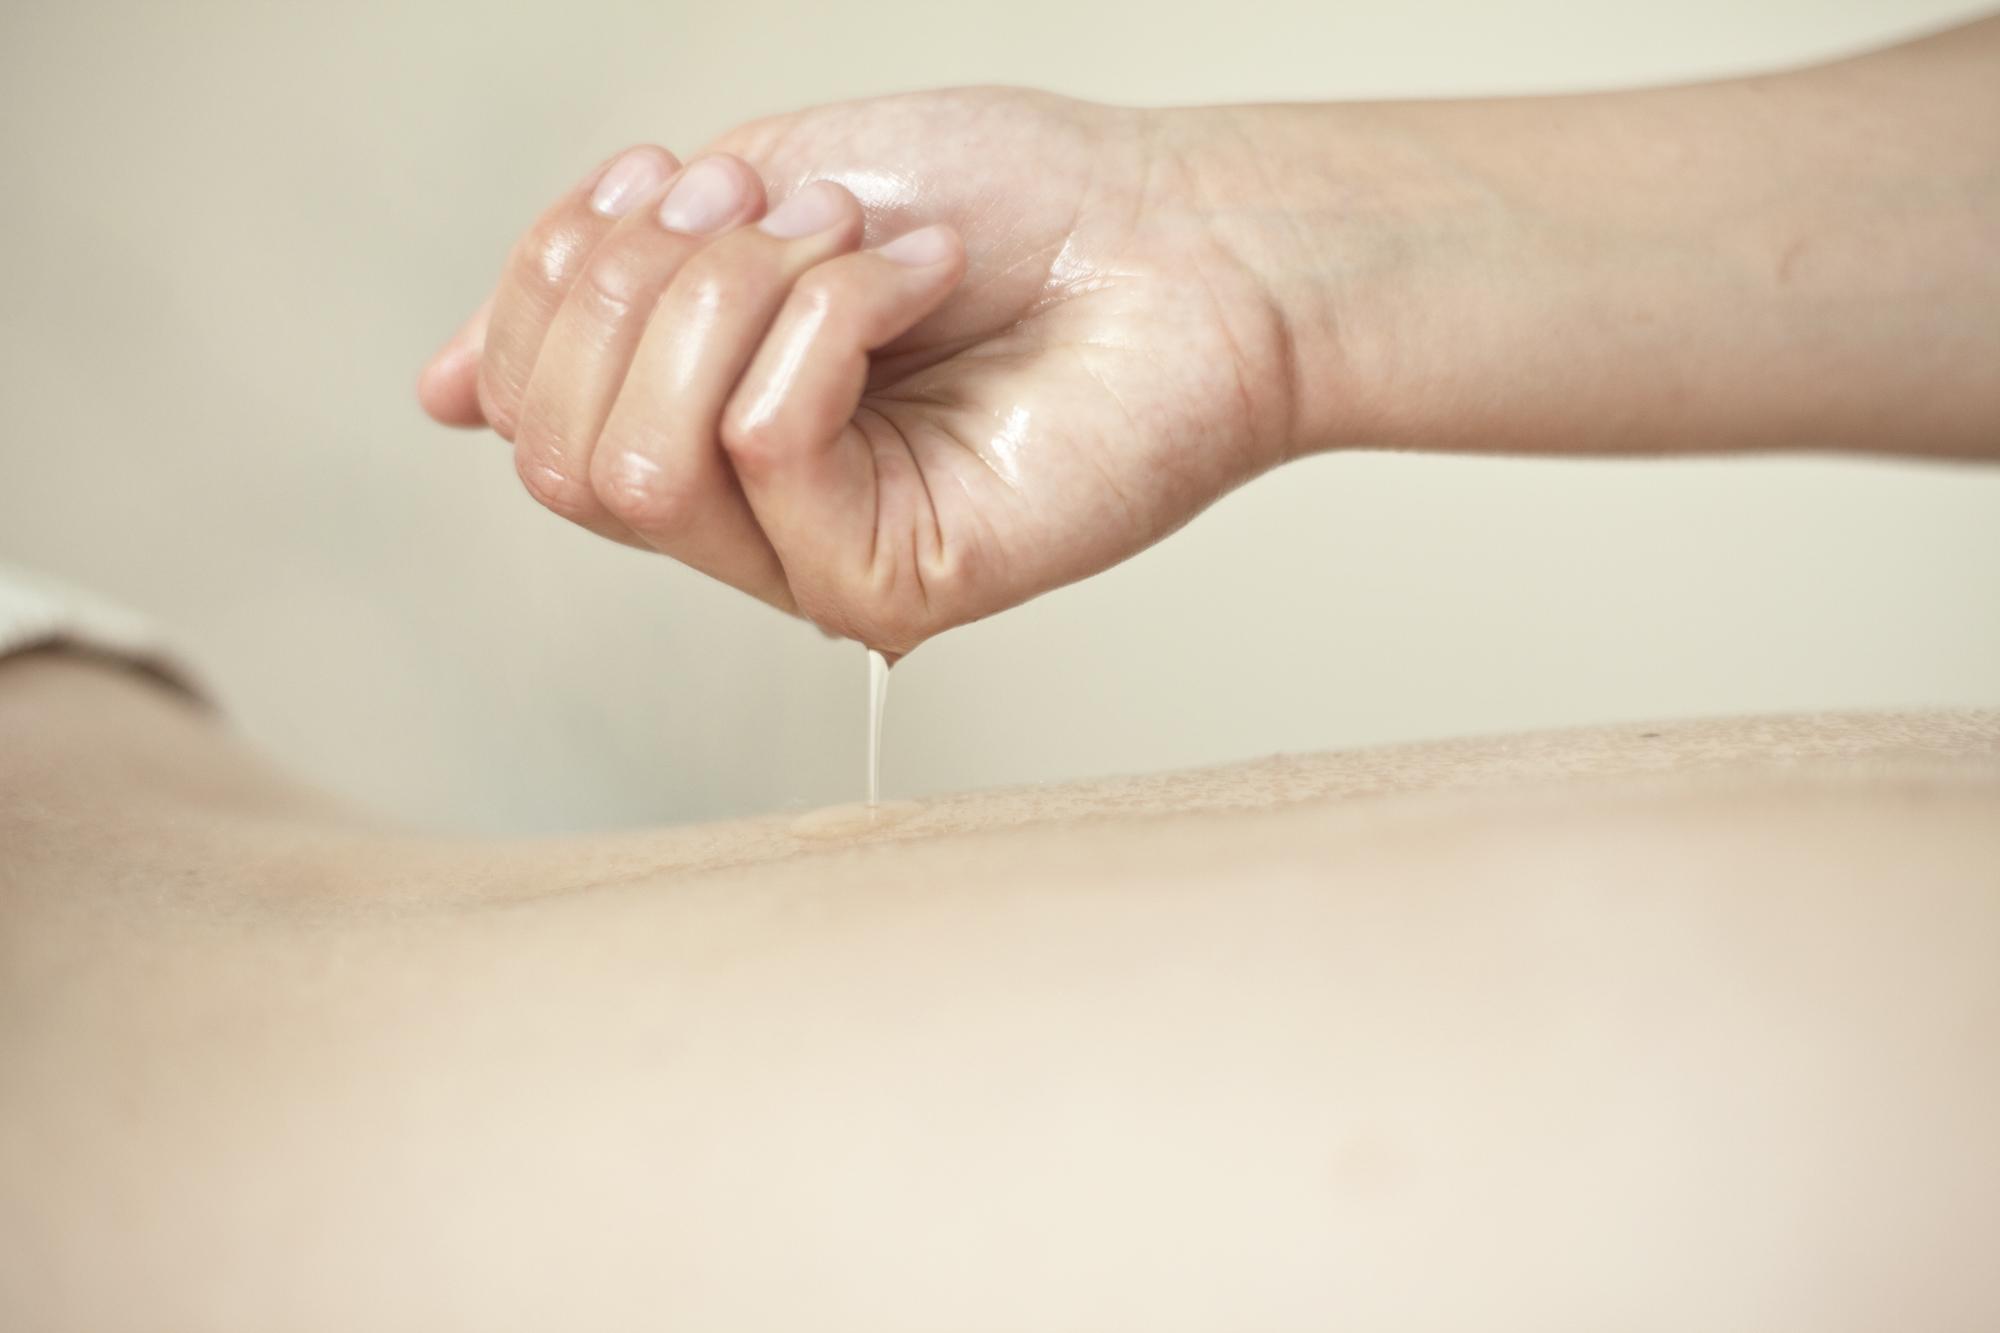 homoseksuel sex massage odense bordel århus